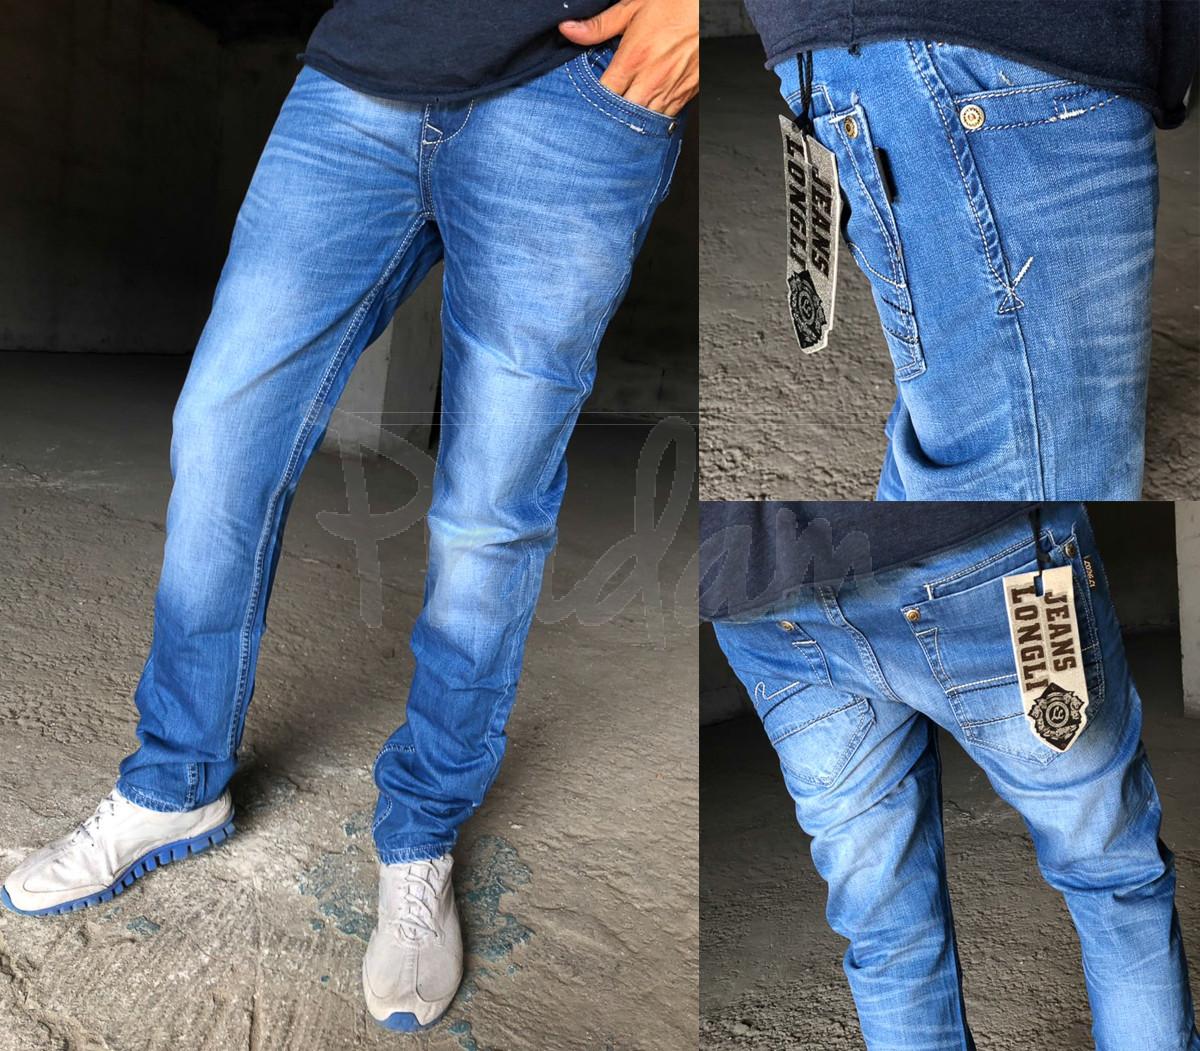 01f4cdc772b01 1120-47-54 Longli джинсы мужские молодежные весенние стрейчевые (28-36,